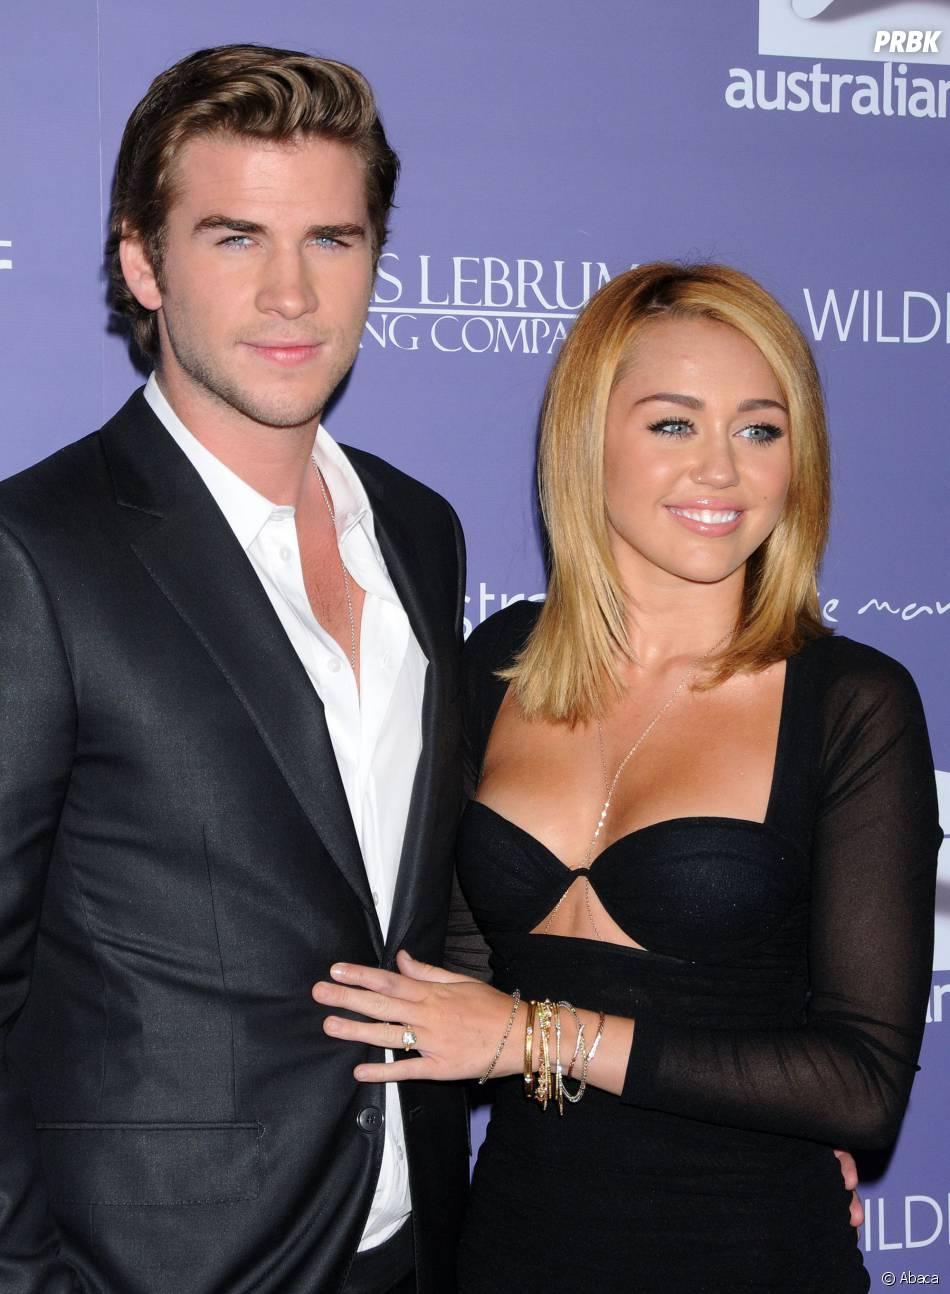 Miley Cyrus et Liam Hemsworth ont annoncé leur rupture en septembre 2013